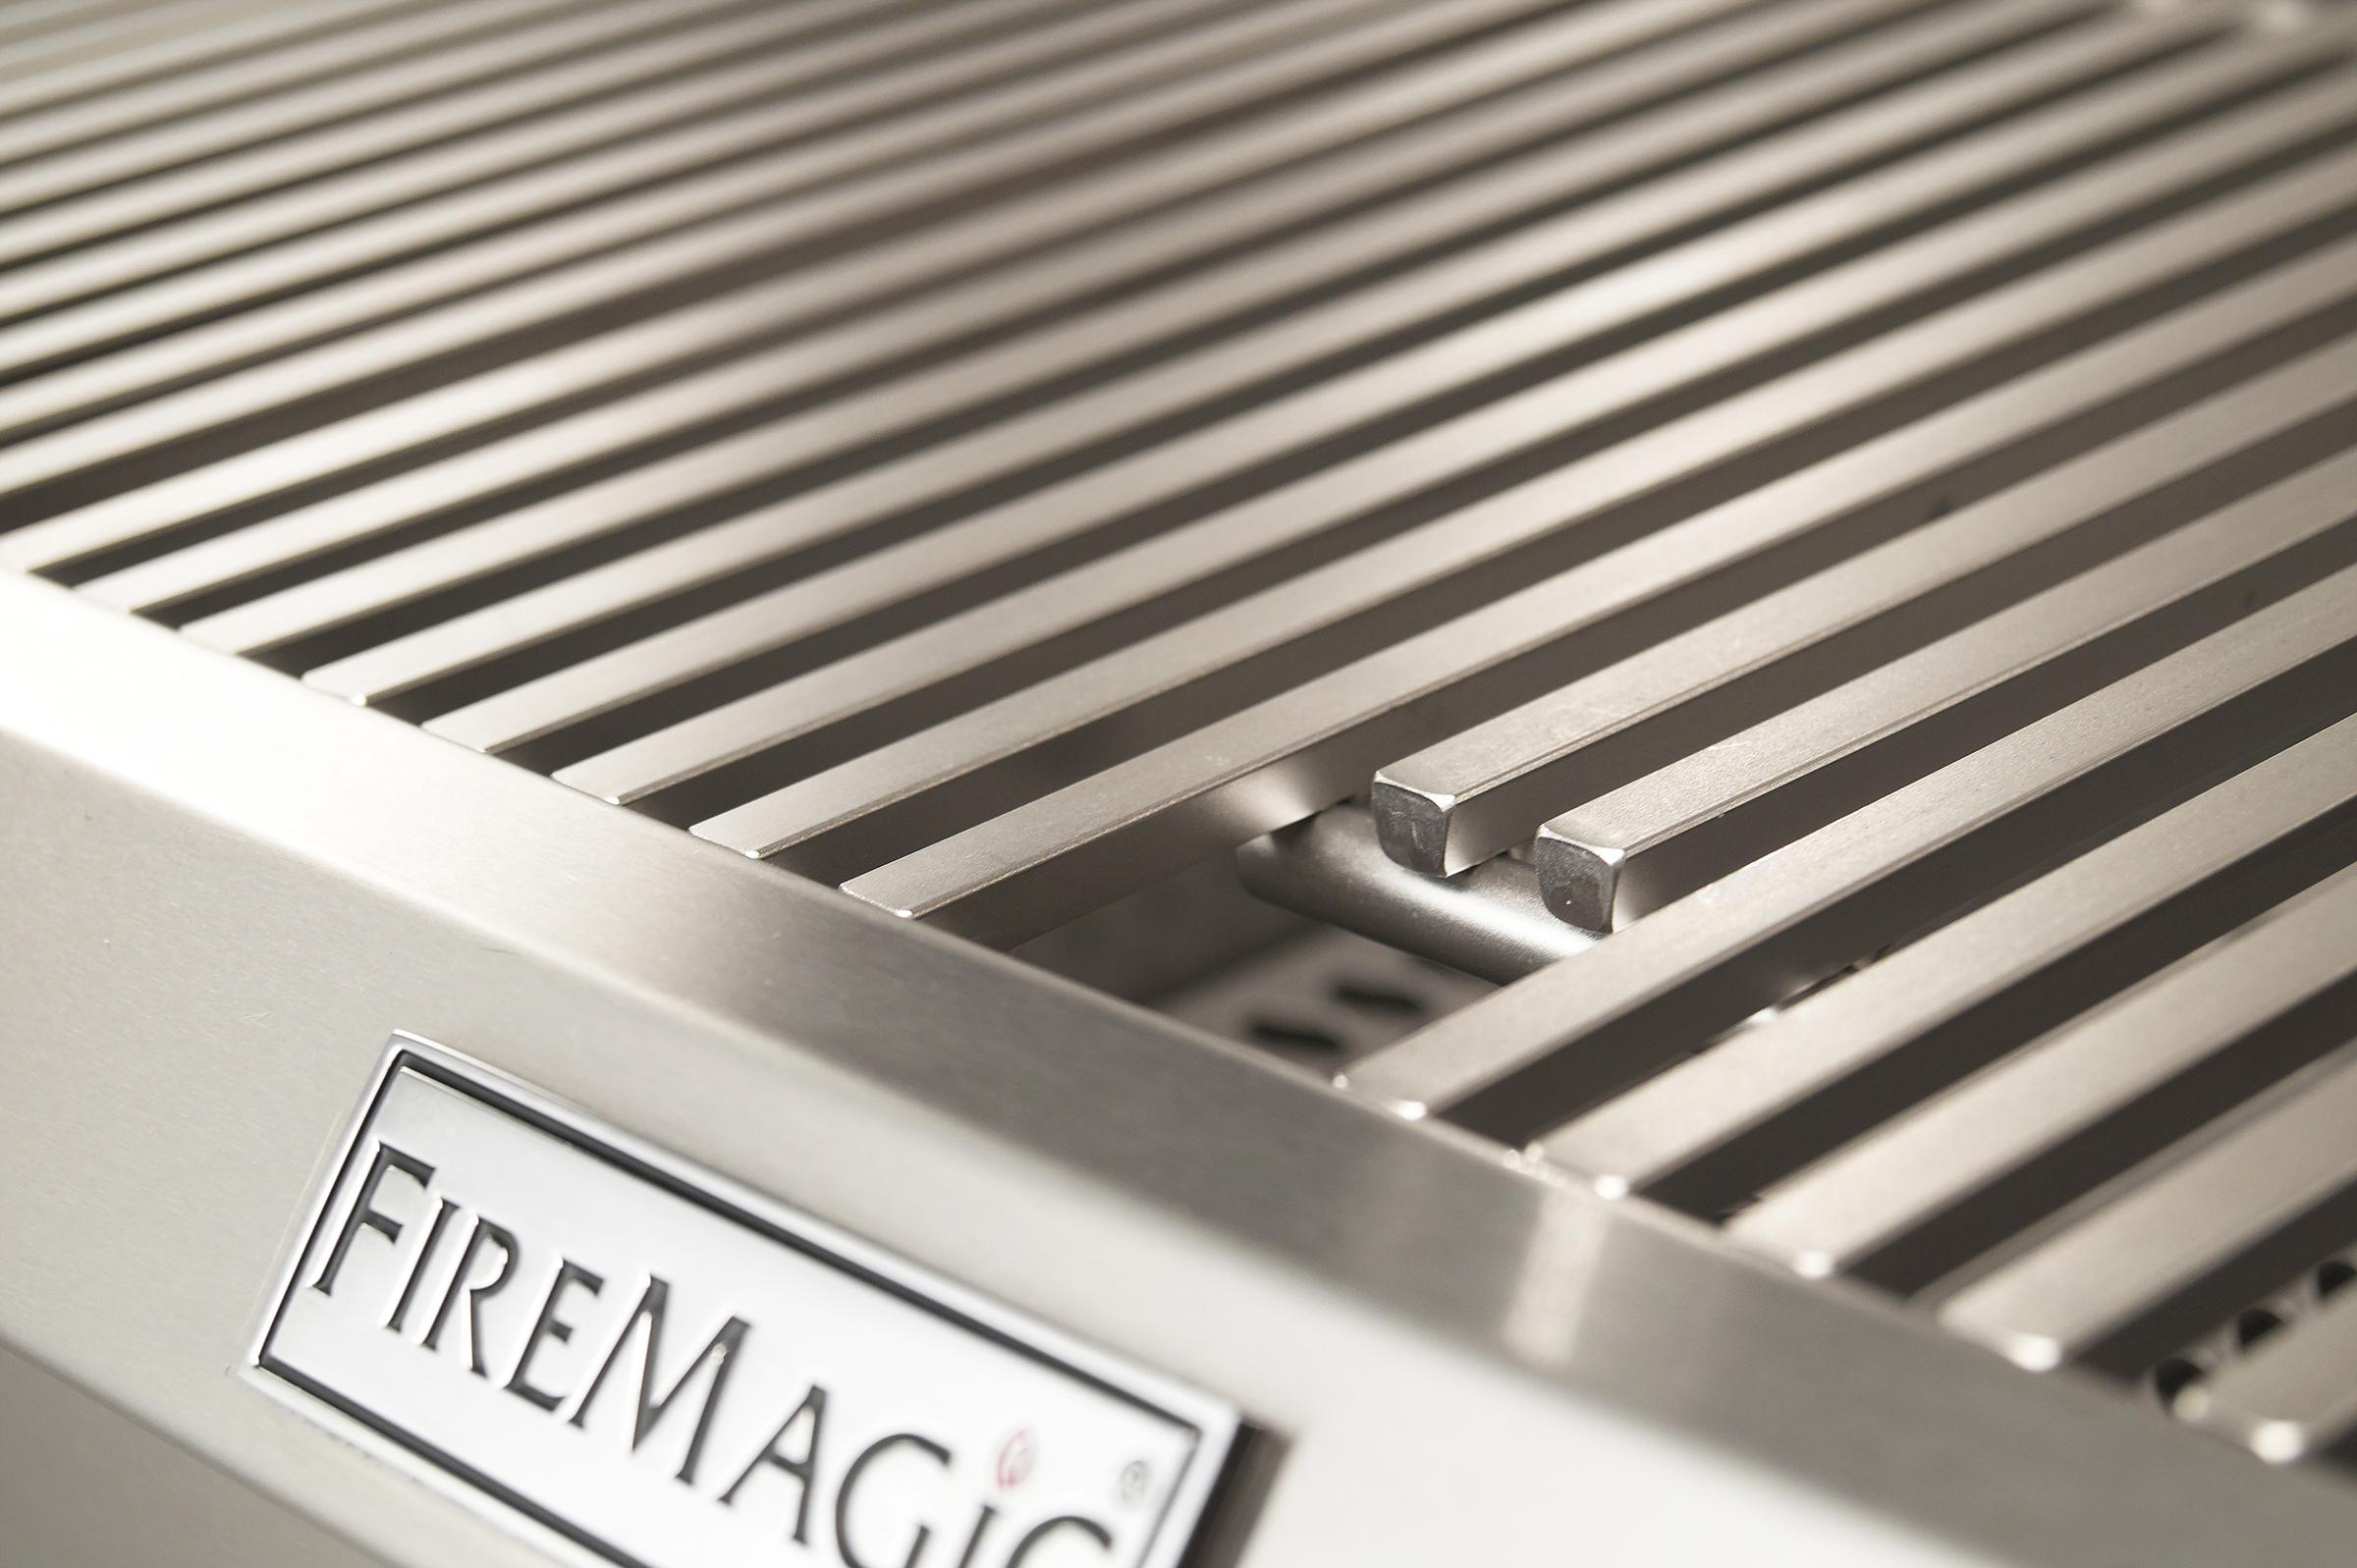 Fire Magic - Aurora - A660 Einbaugrill mit Backburner